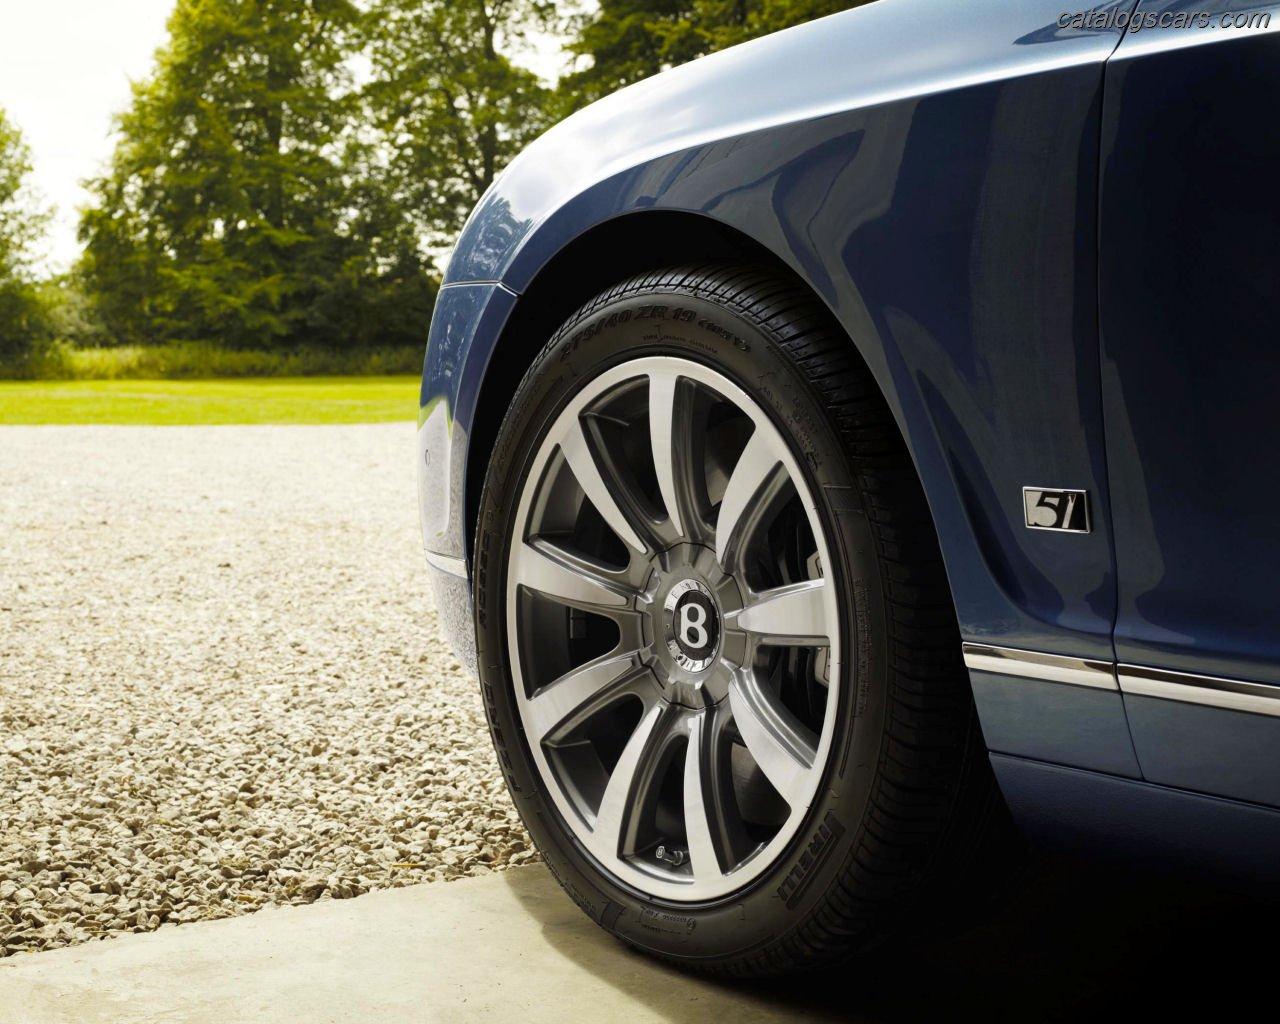 صور سيارة بنتلى كونتيننتال سيريس 51 2012 - اجمل خلفيات صور عربية بنتلى كونتيننتال سيريس 51 2012 - Bentley Continental Series 51 Photos Bentley-Continental-Series-51-2011-05.jpg